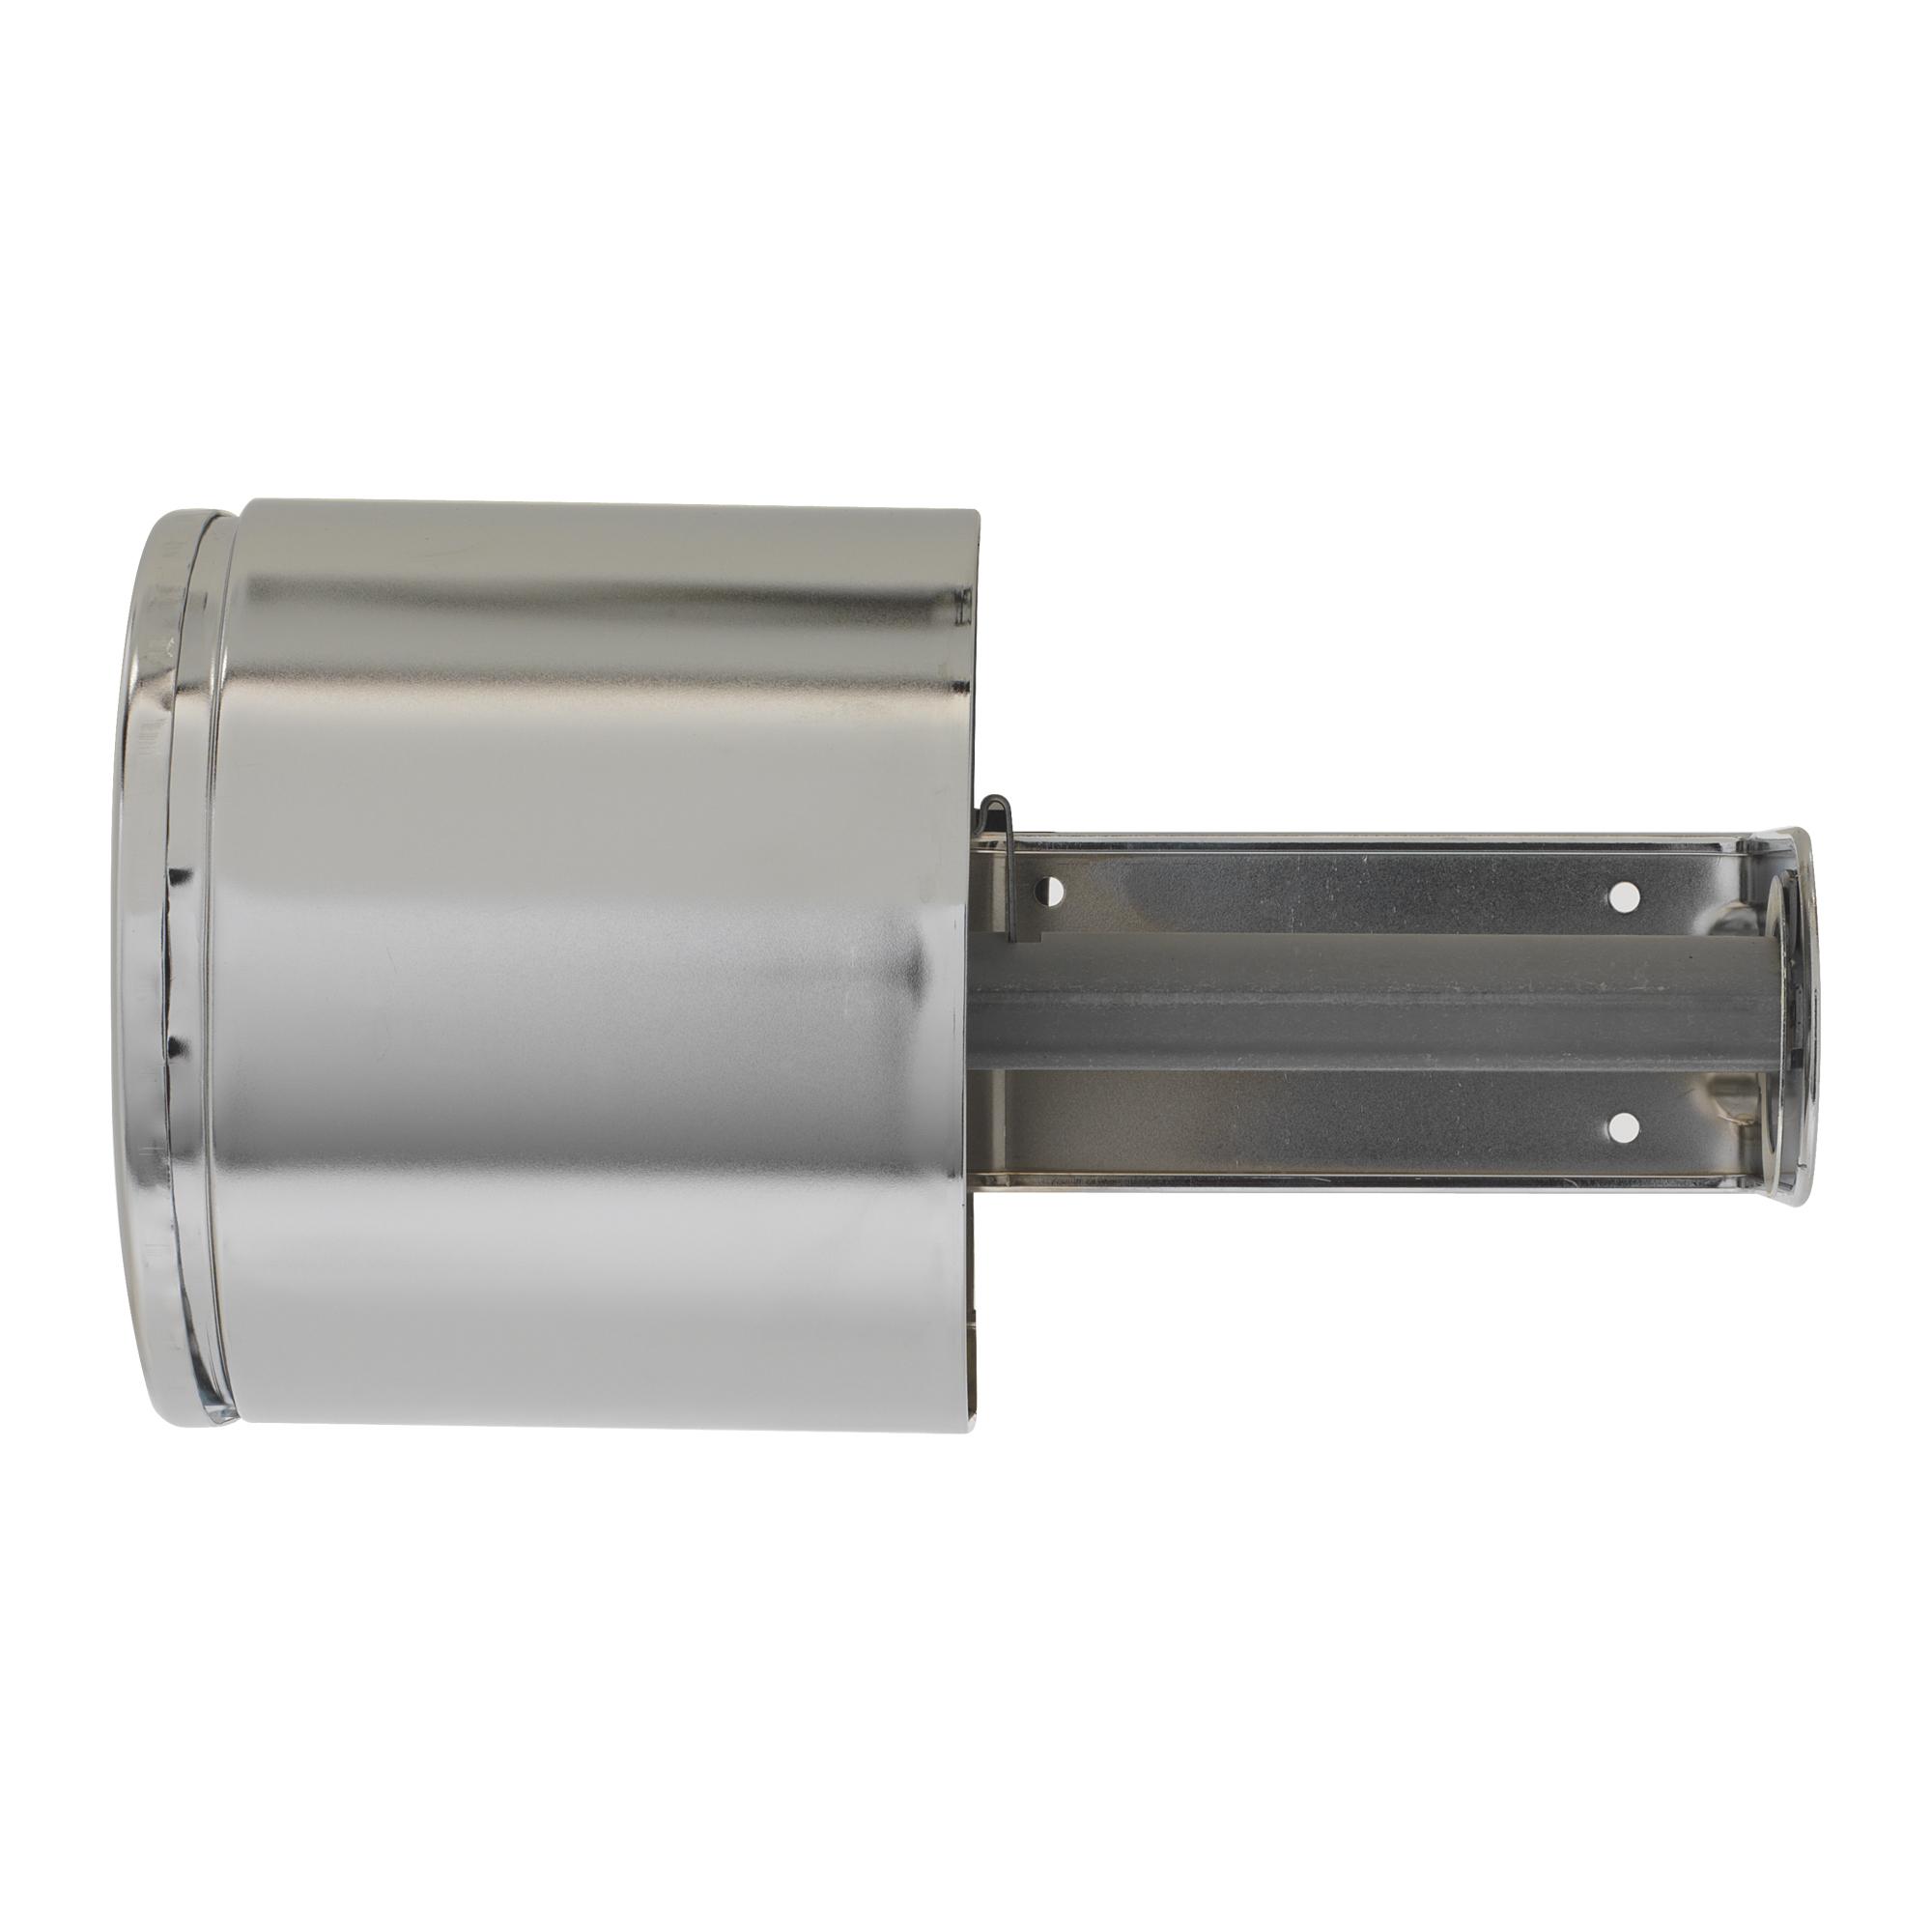 00073310573205 GP� Chrome Covered, Series-Lock Tissue Dispenser